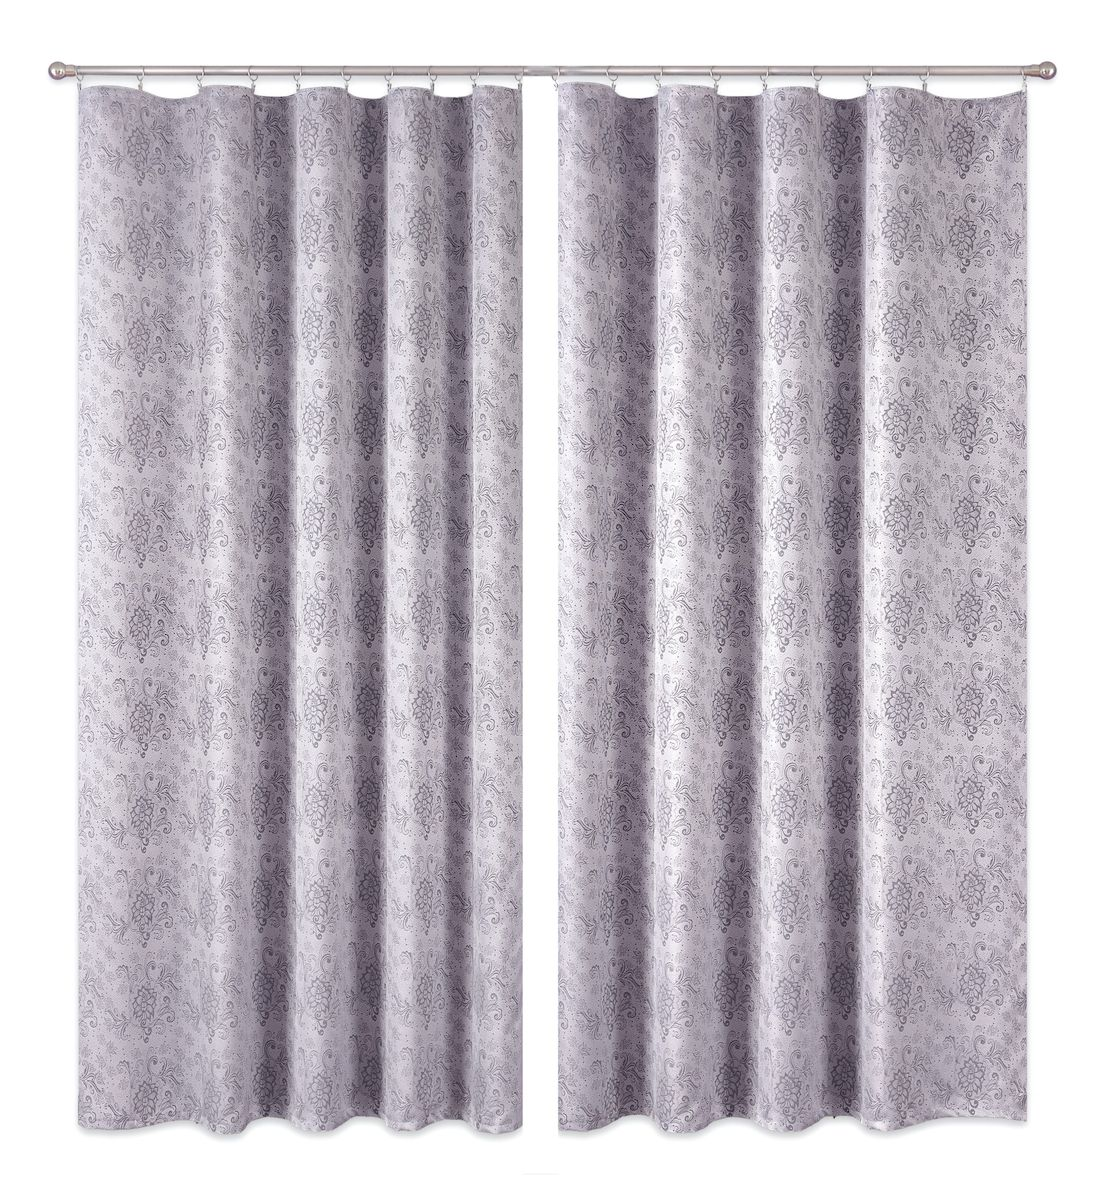 Комплект штор P Primavera Firany, цвет: серый, высота 250 см. 11100211110021Комплект шториз полиэстровой жаккардовой ткани с пришитой шторнойлентой. Размер - ширина 180 см высота 250см. Набор 2 штуки. Цвет серый.Размер: ширина 180 х высота 250